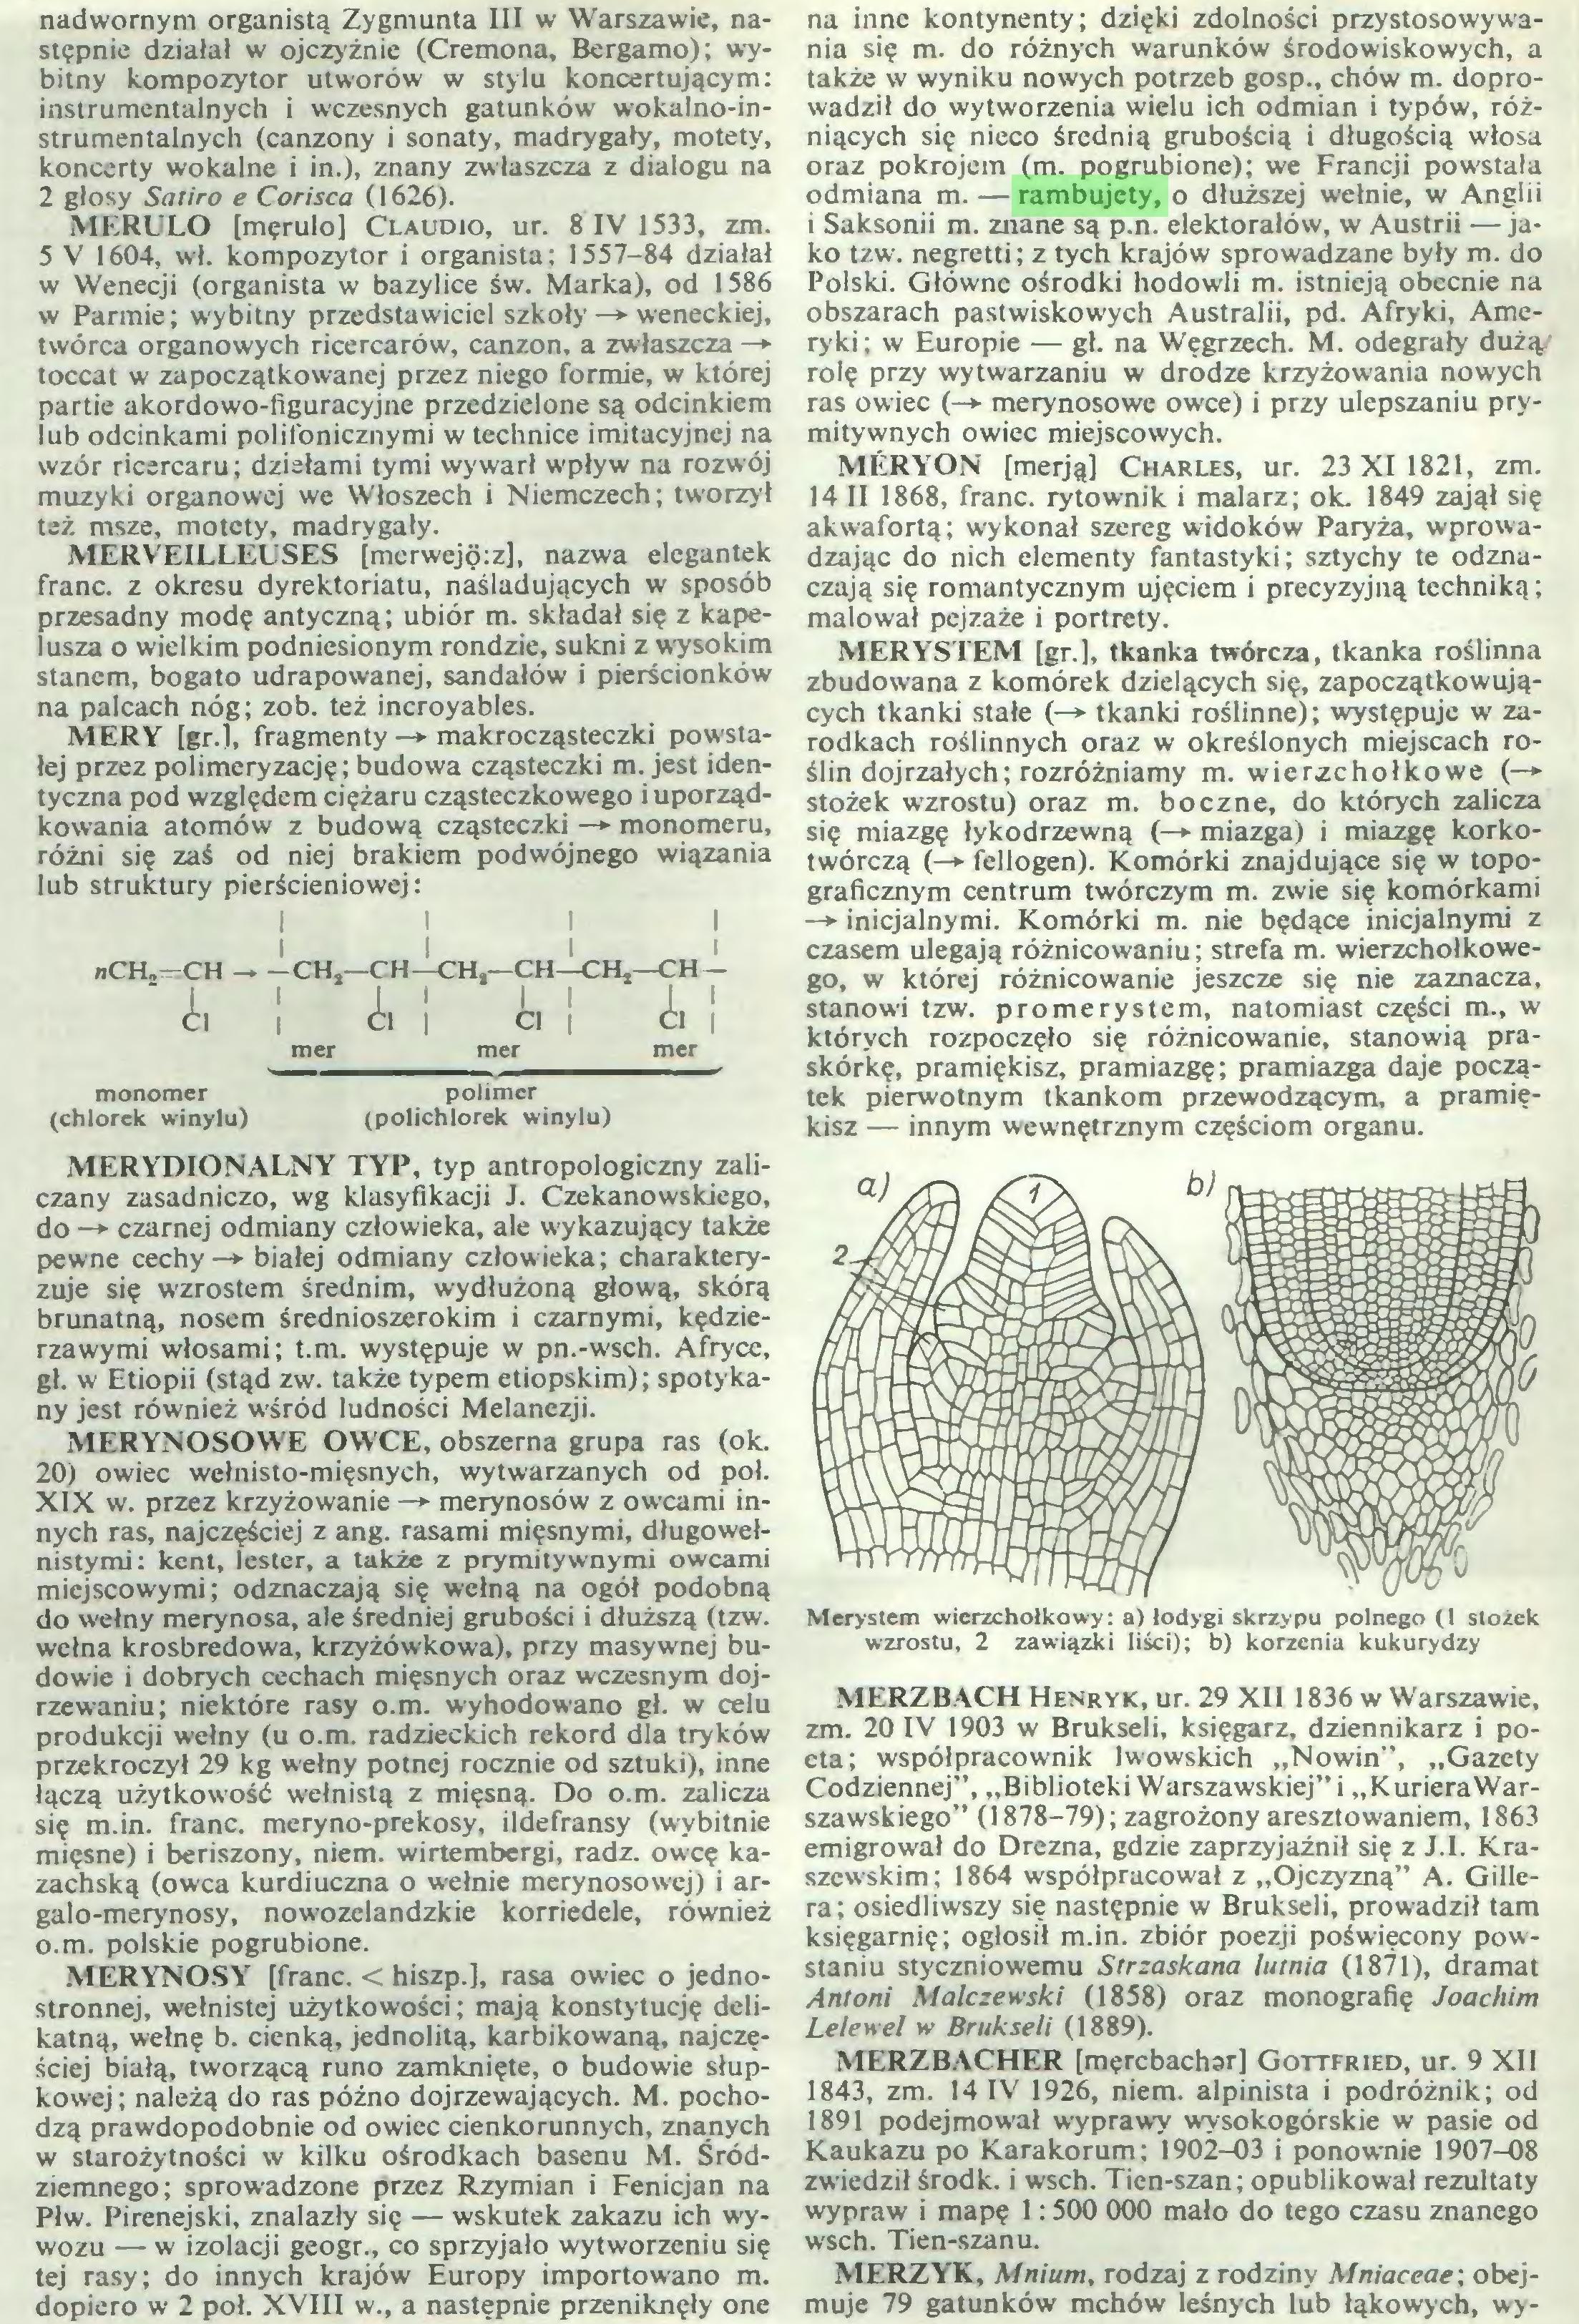 (...) dopiero w 2 poł. XVIII w., a następnie przeniknęły one na inne kontynenty; dzięki zdolności przystosowywania się m. do różnych warunków środowiskowych, a także w wyniku nowych potrzeb gosp., chów m. doprowadził do wytworzenia wielu ich odmian i typów, różniących się nieco średnią grubością i długością włosa oraz pokrojem (m. pogrubione); we Francji powstała odmiana m. — rambujety, o dłuższej wełnie, w Anglii i Saksonii m. znane są p.n. elektorałów, w Austrii —jako tzw. negretti; z tych krajów sprowadzane były m. do Polski. Główne ośrodki hodowli m. istnieją obecnie na...